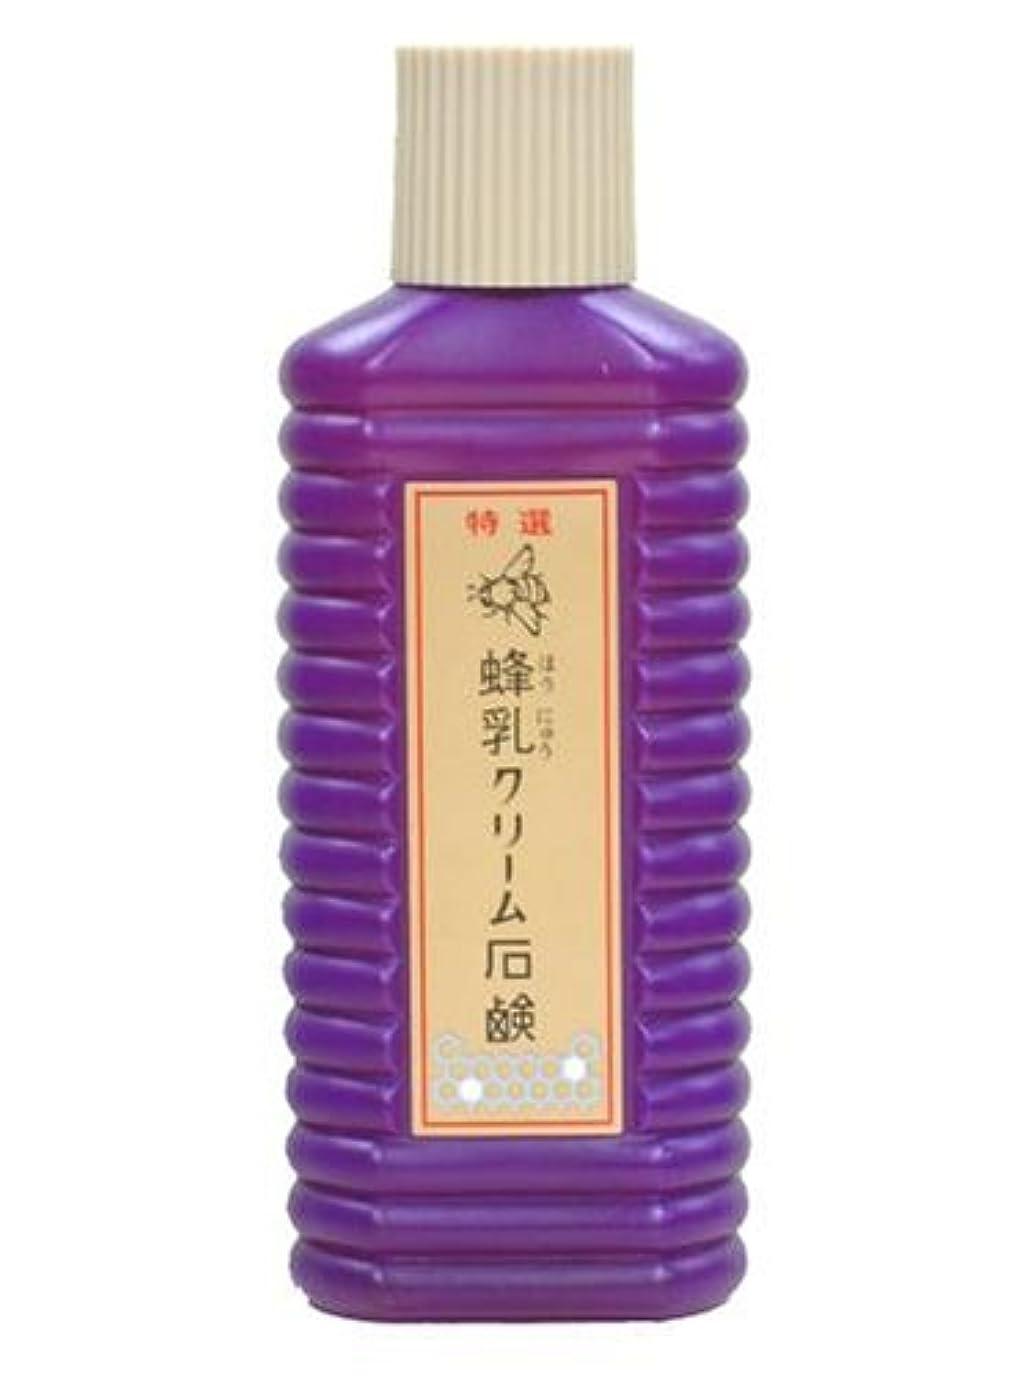 レンチトランクライブラリパトロン蜂乳 クリーム石鹸(大) 200CC